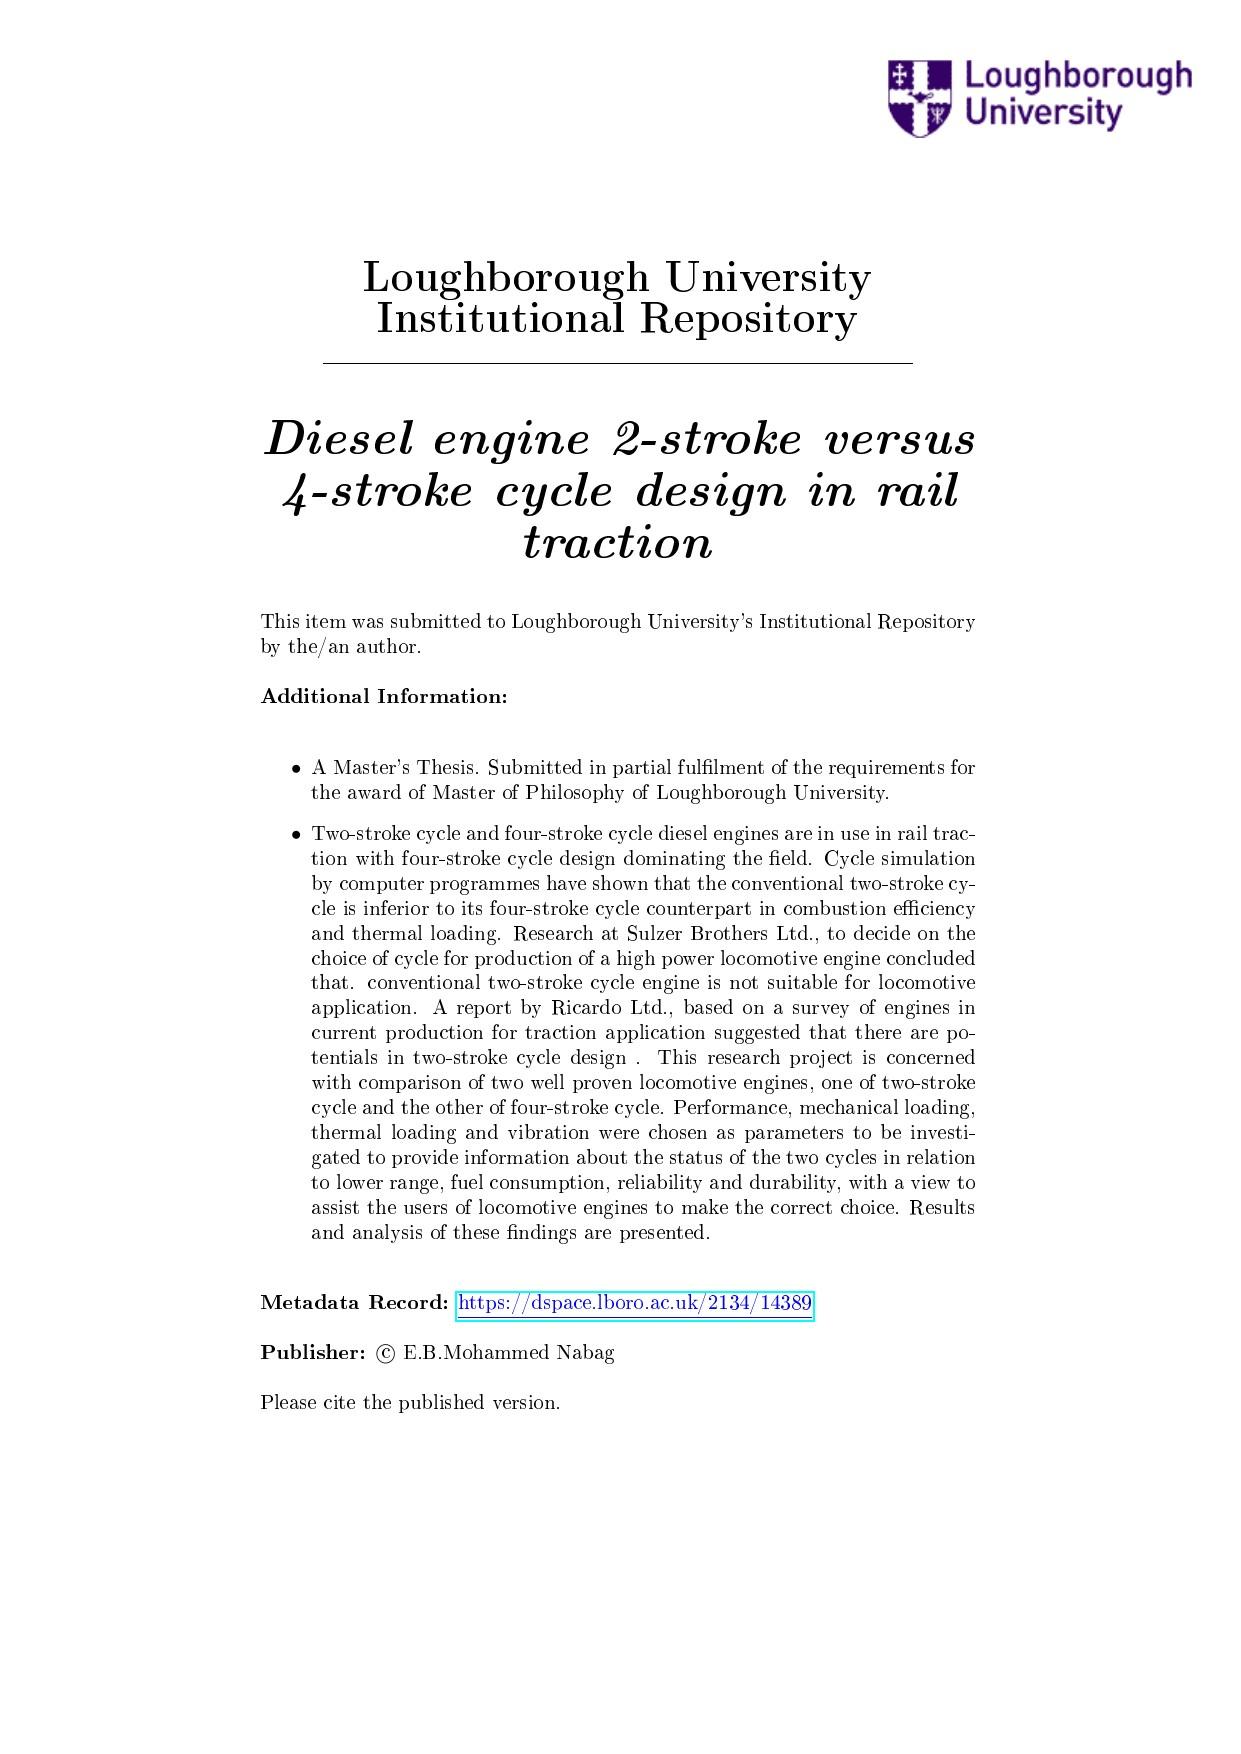 4 Stroke Diesel Engine Diagram Diesel Engine 2 Stroke Versus 4 Stroke Cycle Design In Rail Of 4 Stroke Diesel Engine Diagram